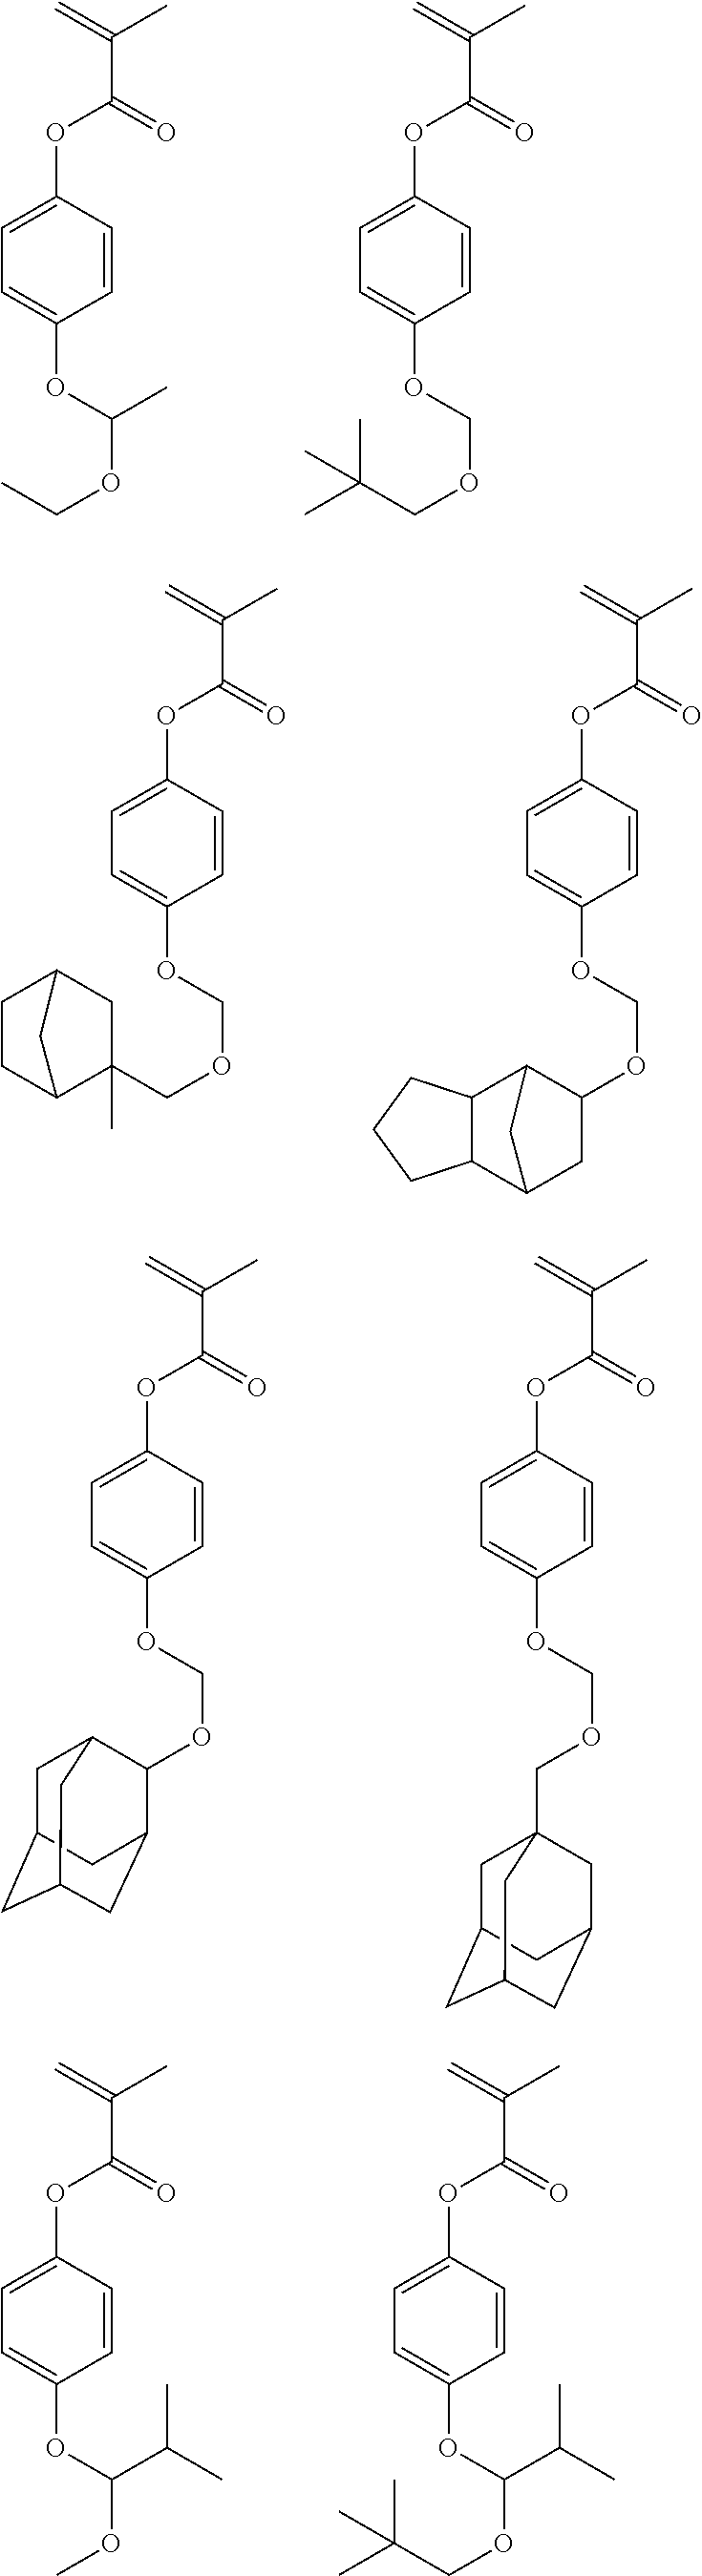 Figure US09017918-20150428-C00012